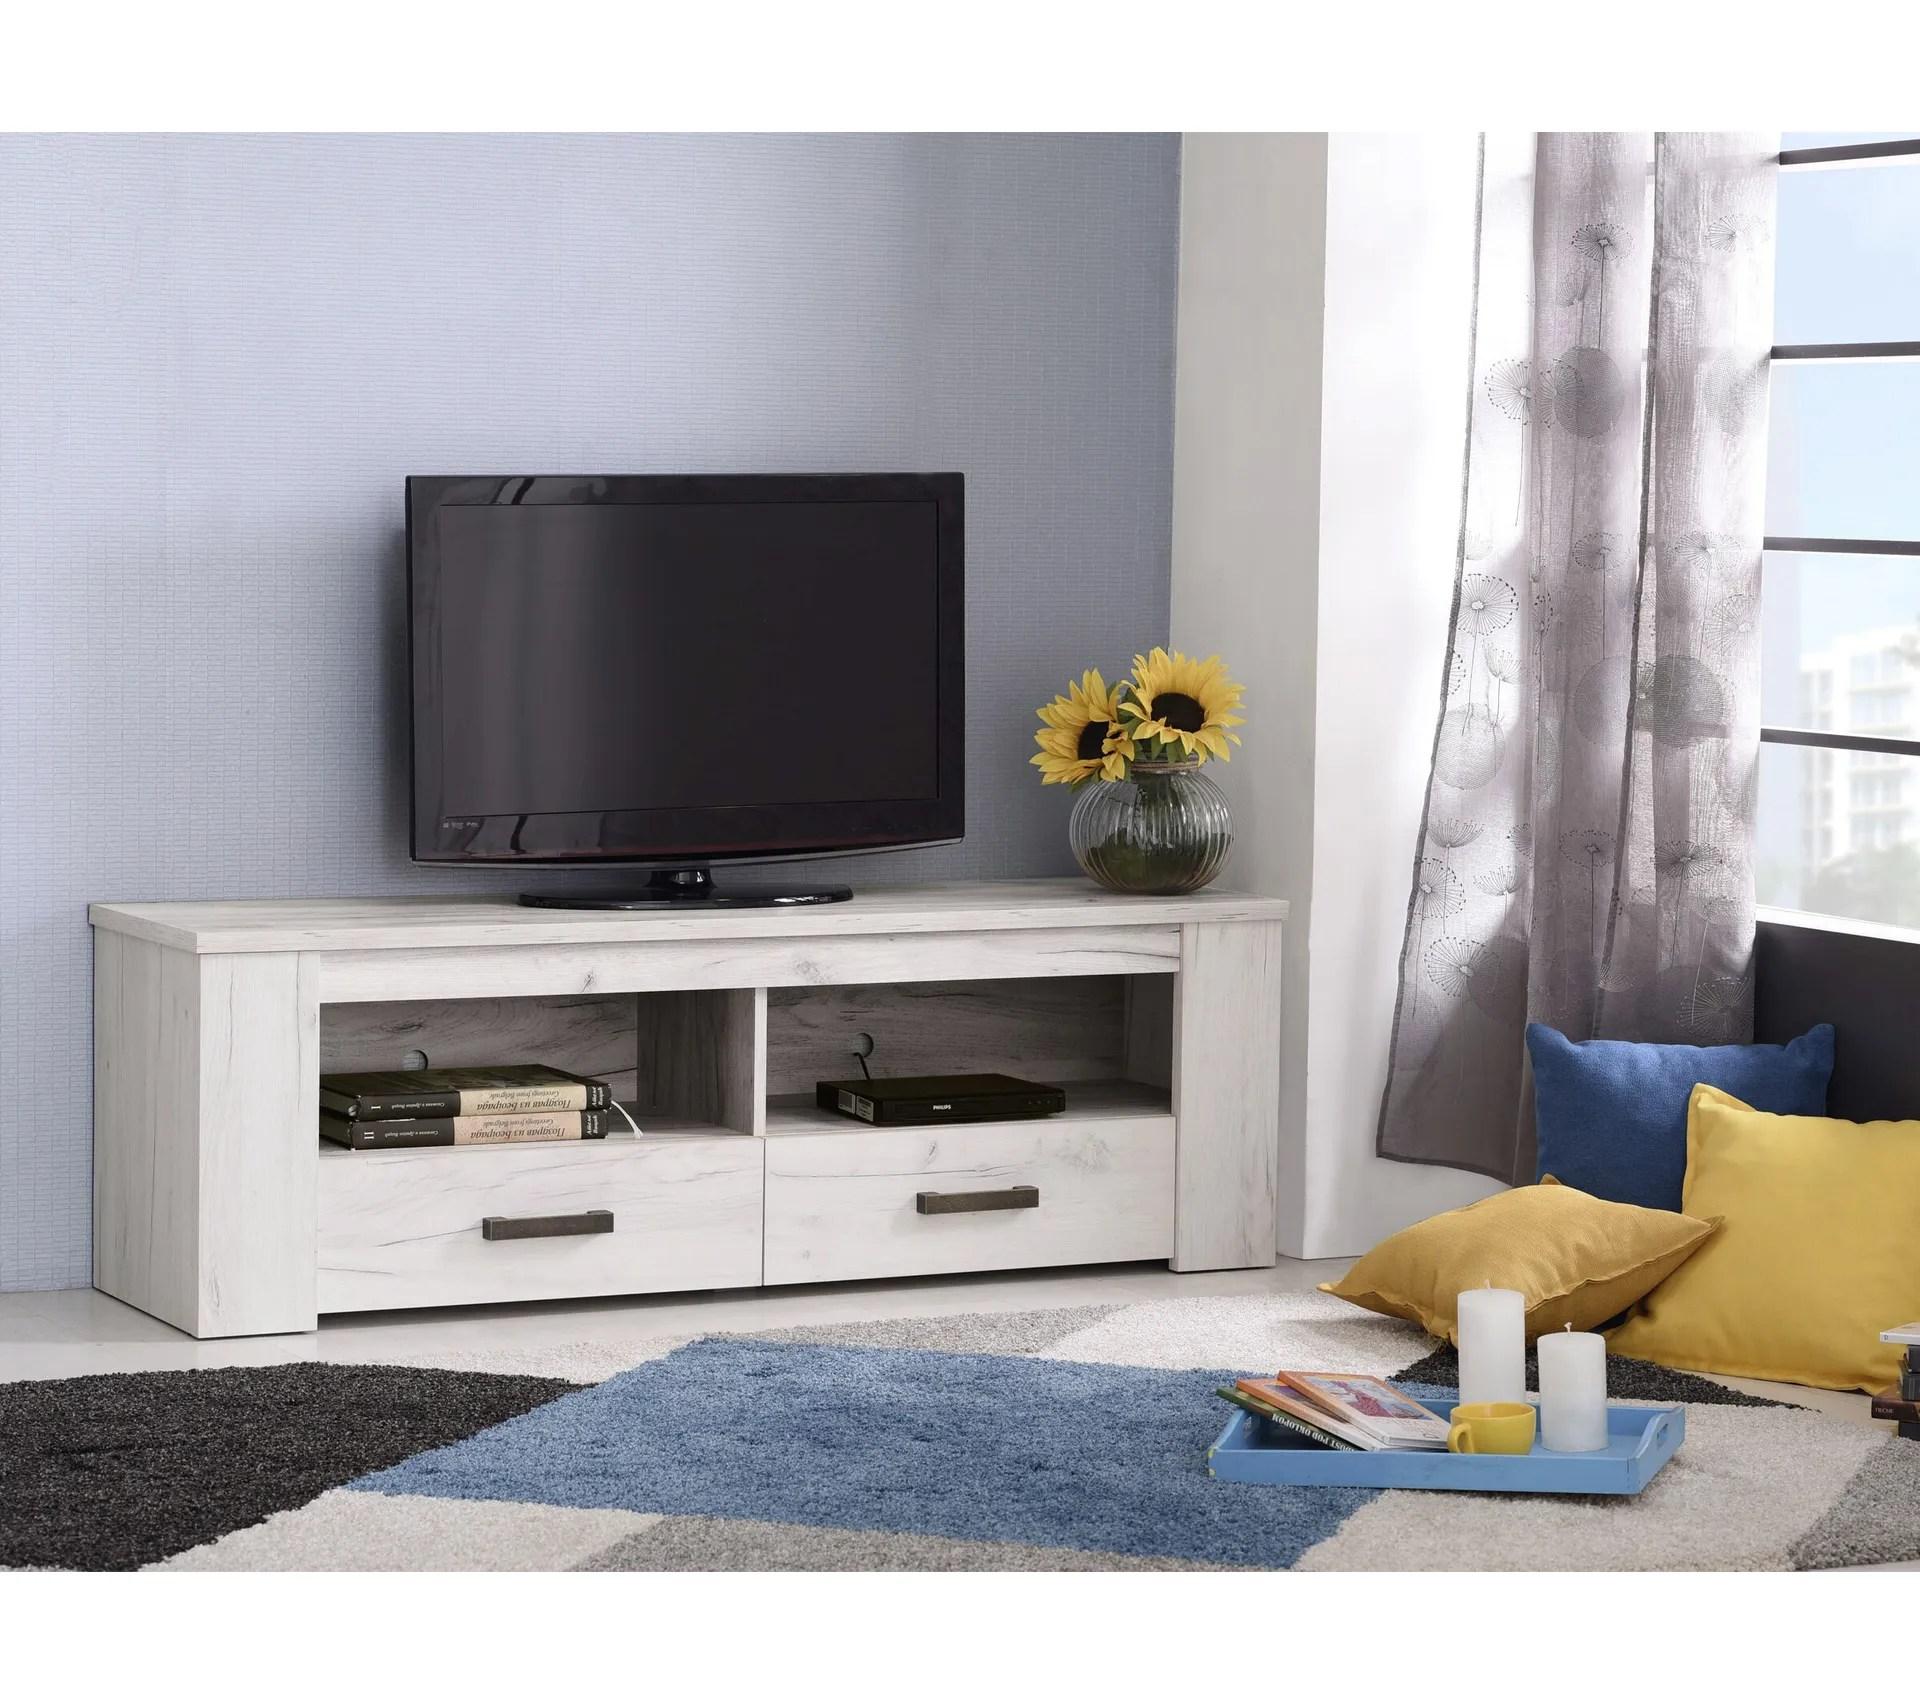 meuble tv campagne cecilia chene blanc